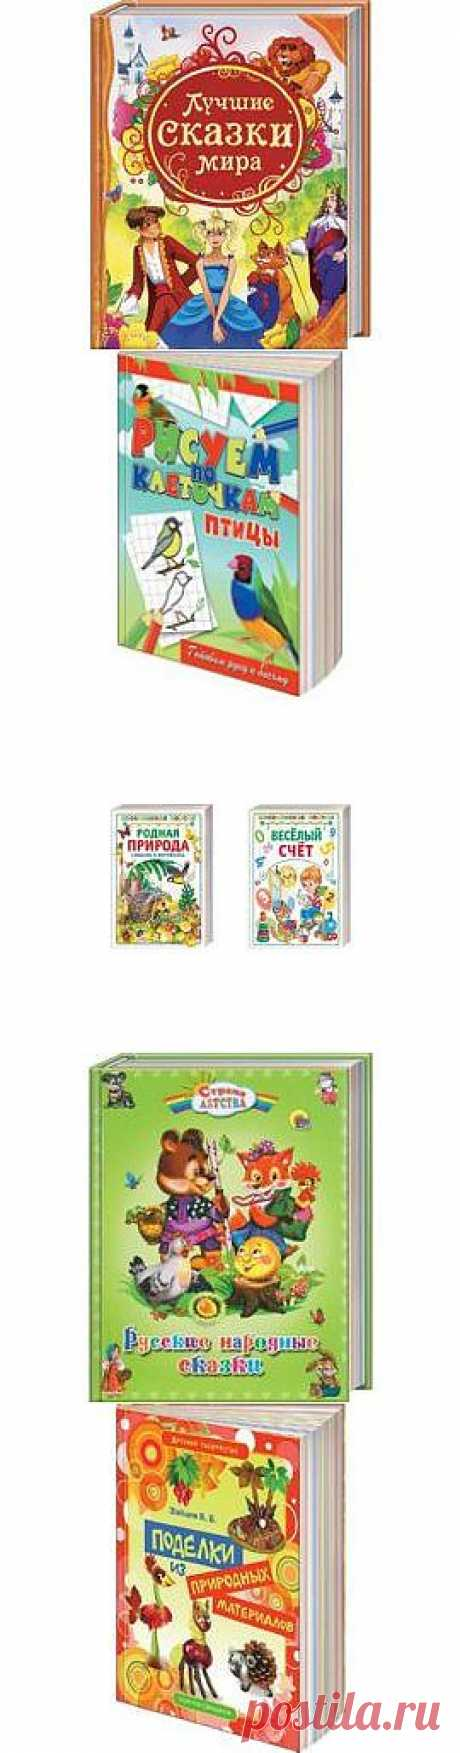 Серия книг Мир детства – купить по низкой цене книги из серии Мир детства в интернет-магазине Мой мир, с доставкой по Москве и РФ